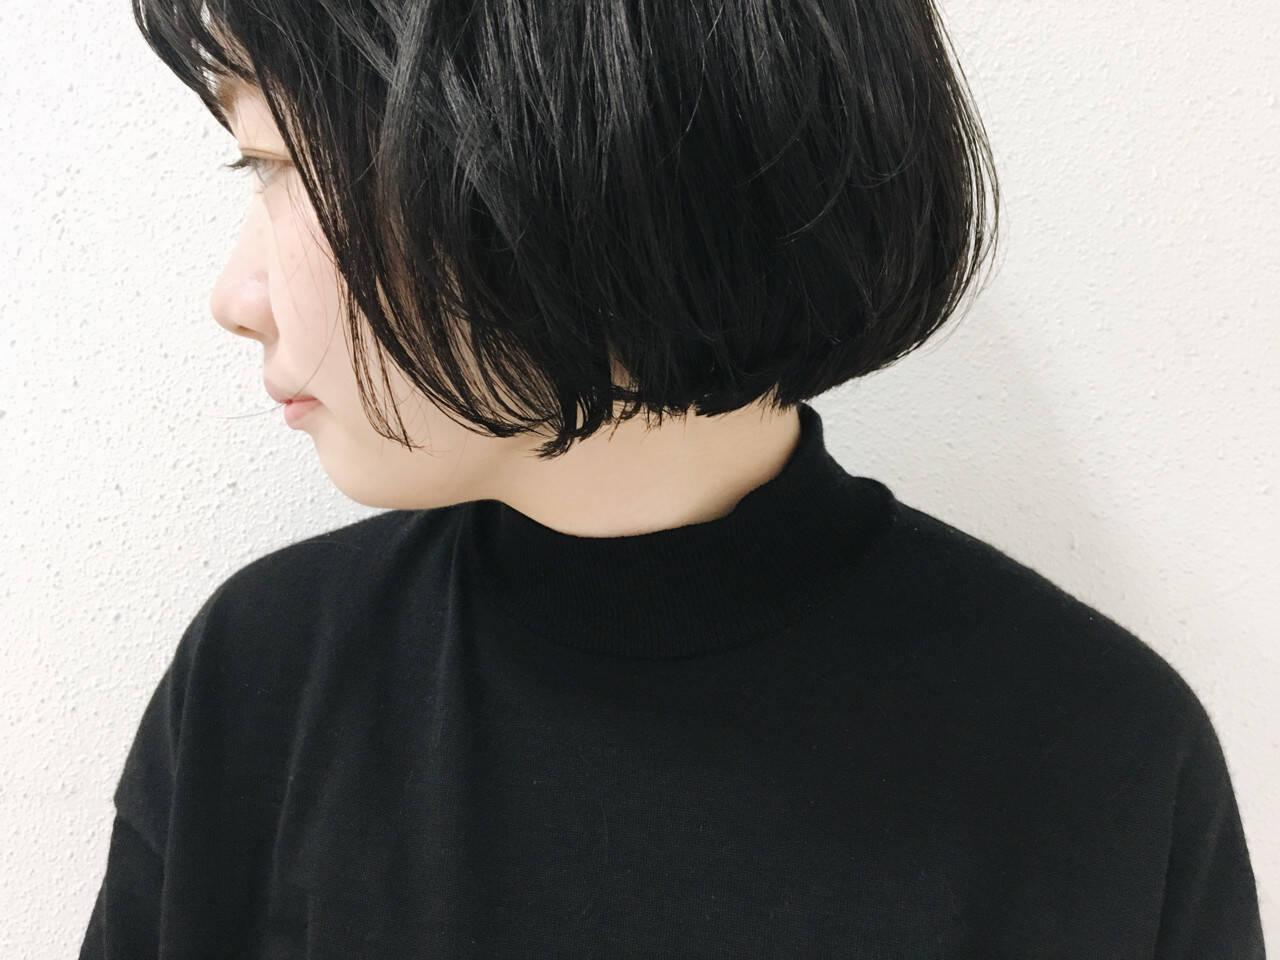 ショート アッシュ 暗髪 切りっぱなしヘアスタイルや髪型の写真・画像